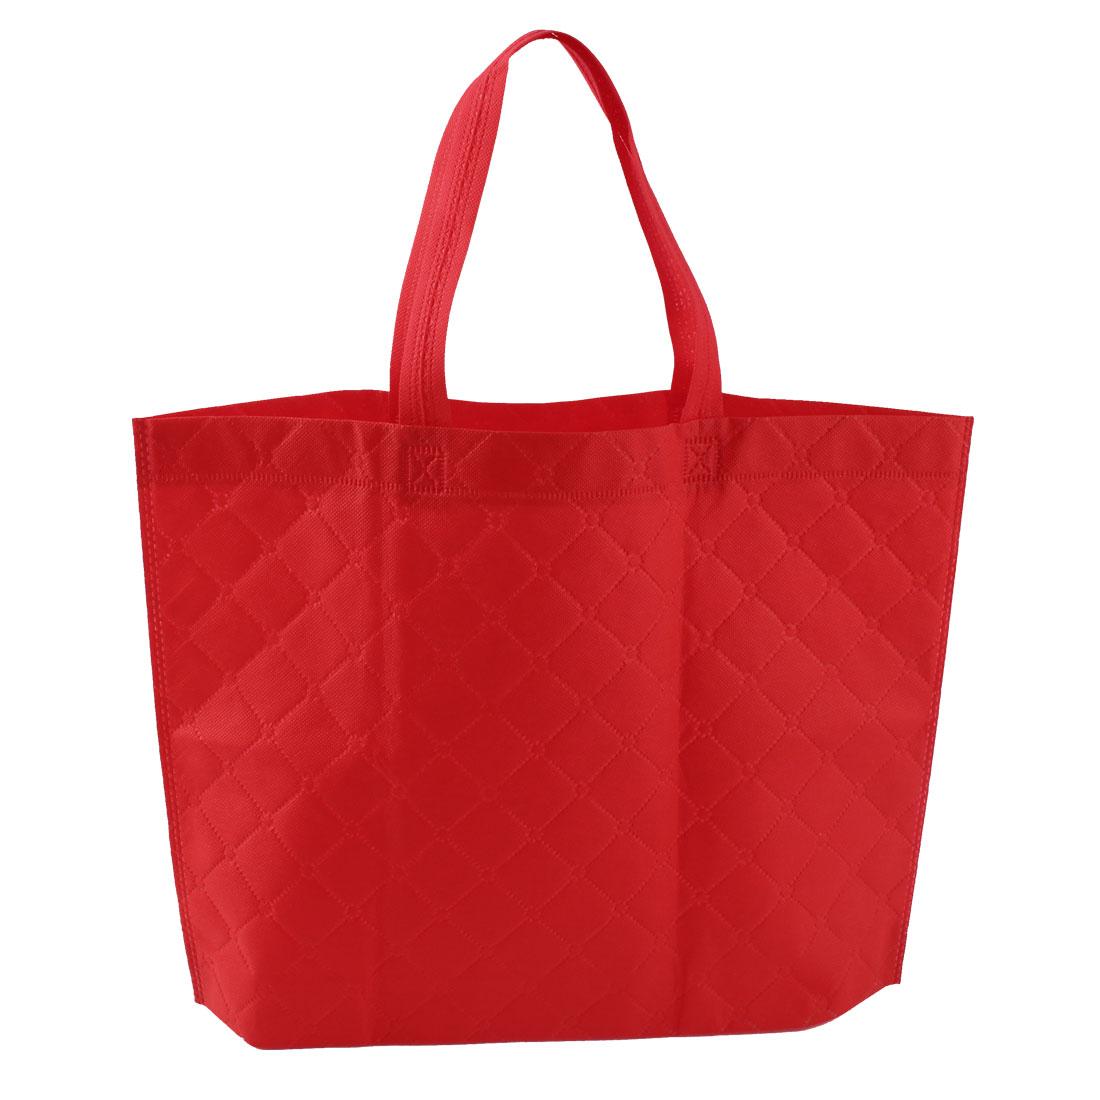 """16.9"""" Length Non-Woven Environmentally Red Shopping Bag for Saving Resources"""